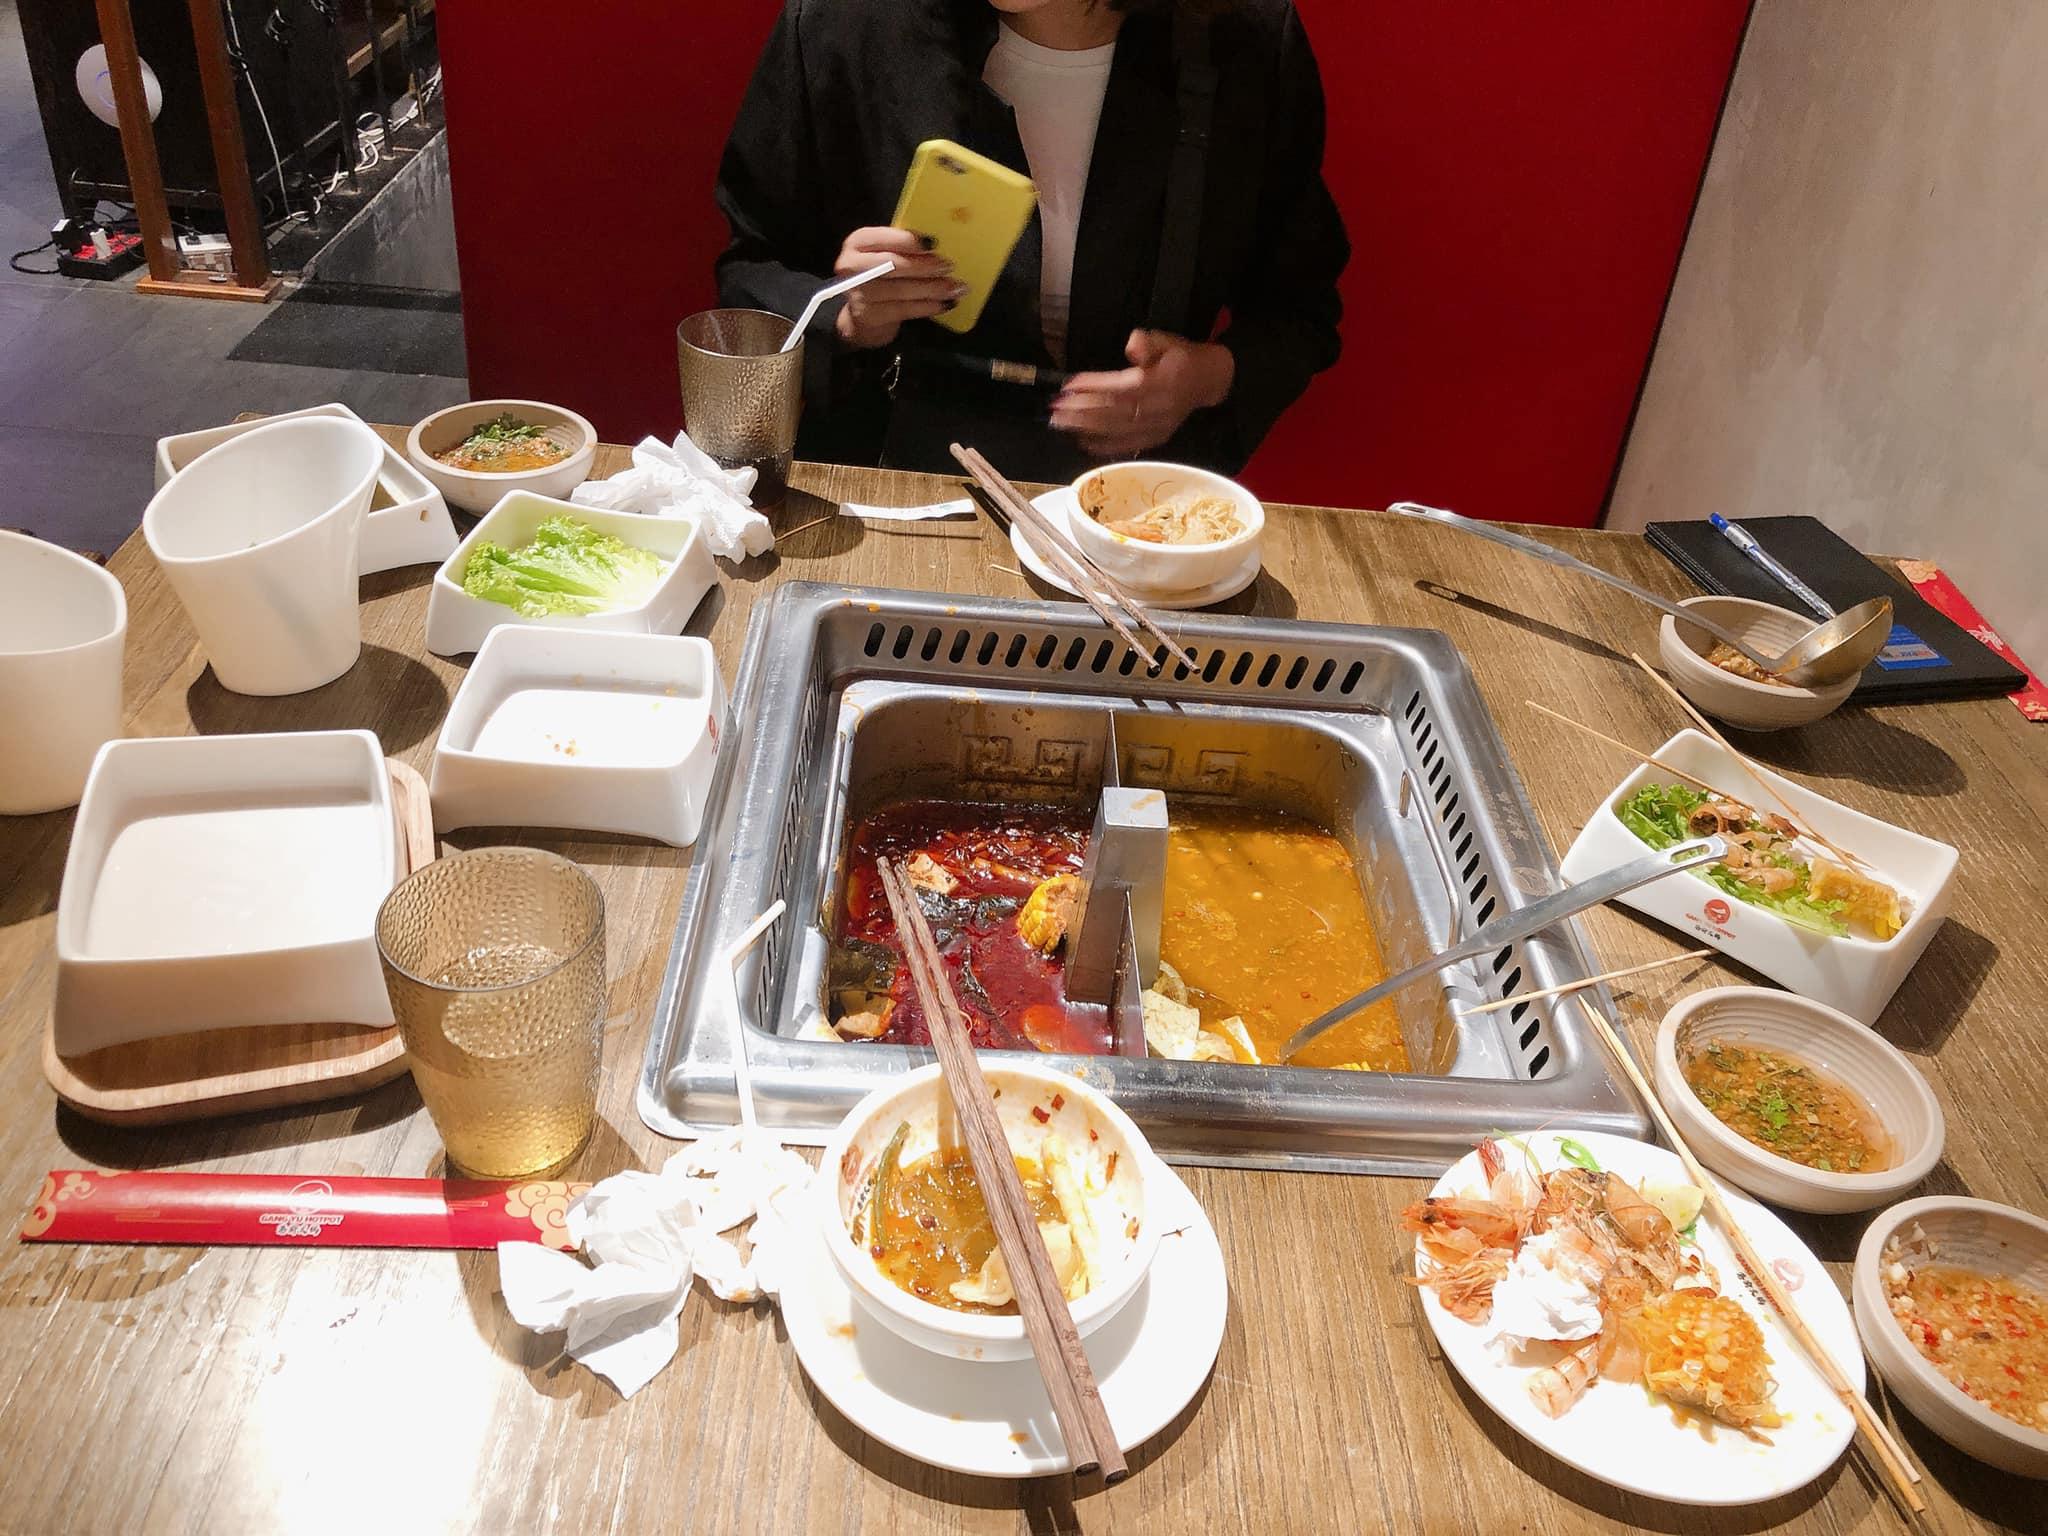 Nhà hàng ở Đà Nẵng đã lên tiếng xin lỗi sau vụ phạt khách 200.000 đồng vì đồ ăn thừa - Ảnh 1.